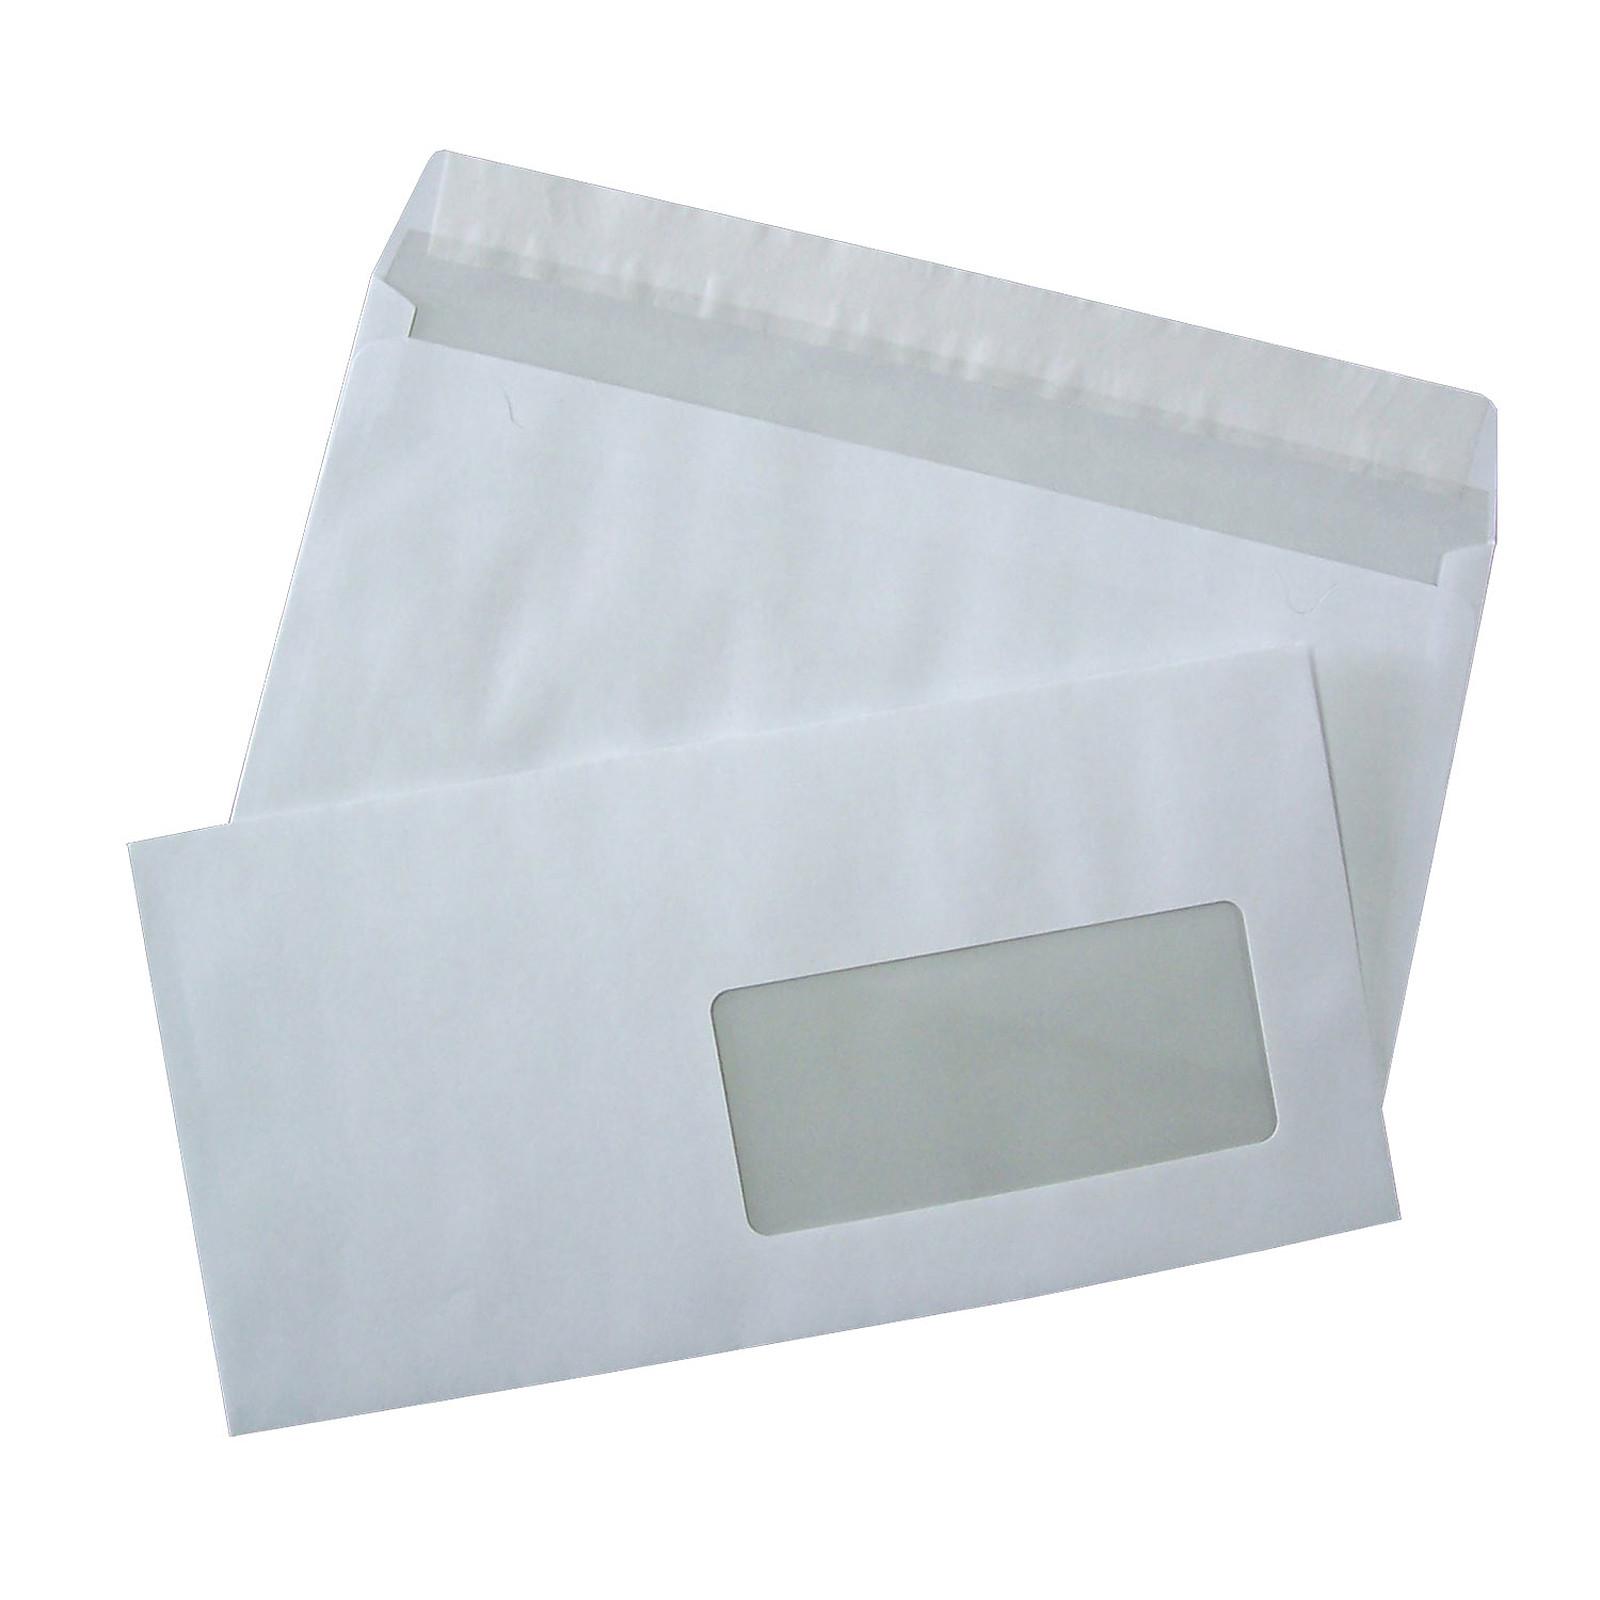 500 enveloppes DL auto-adhésives 80G fenêtre 45x100